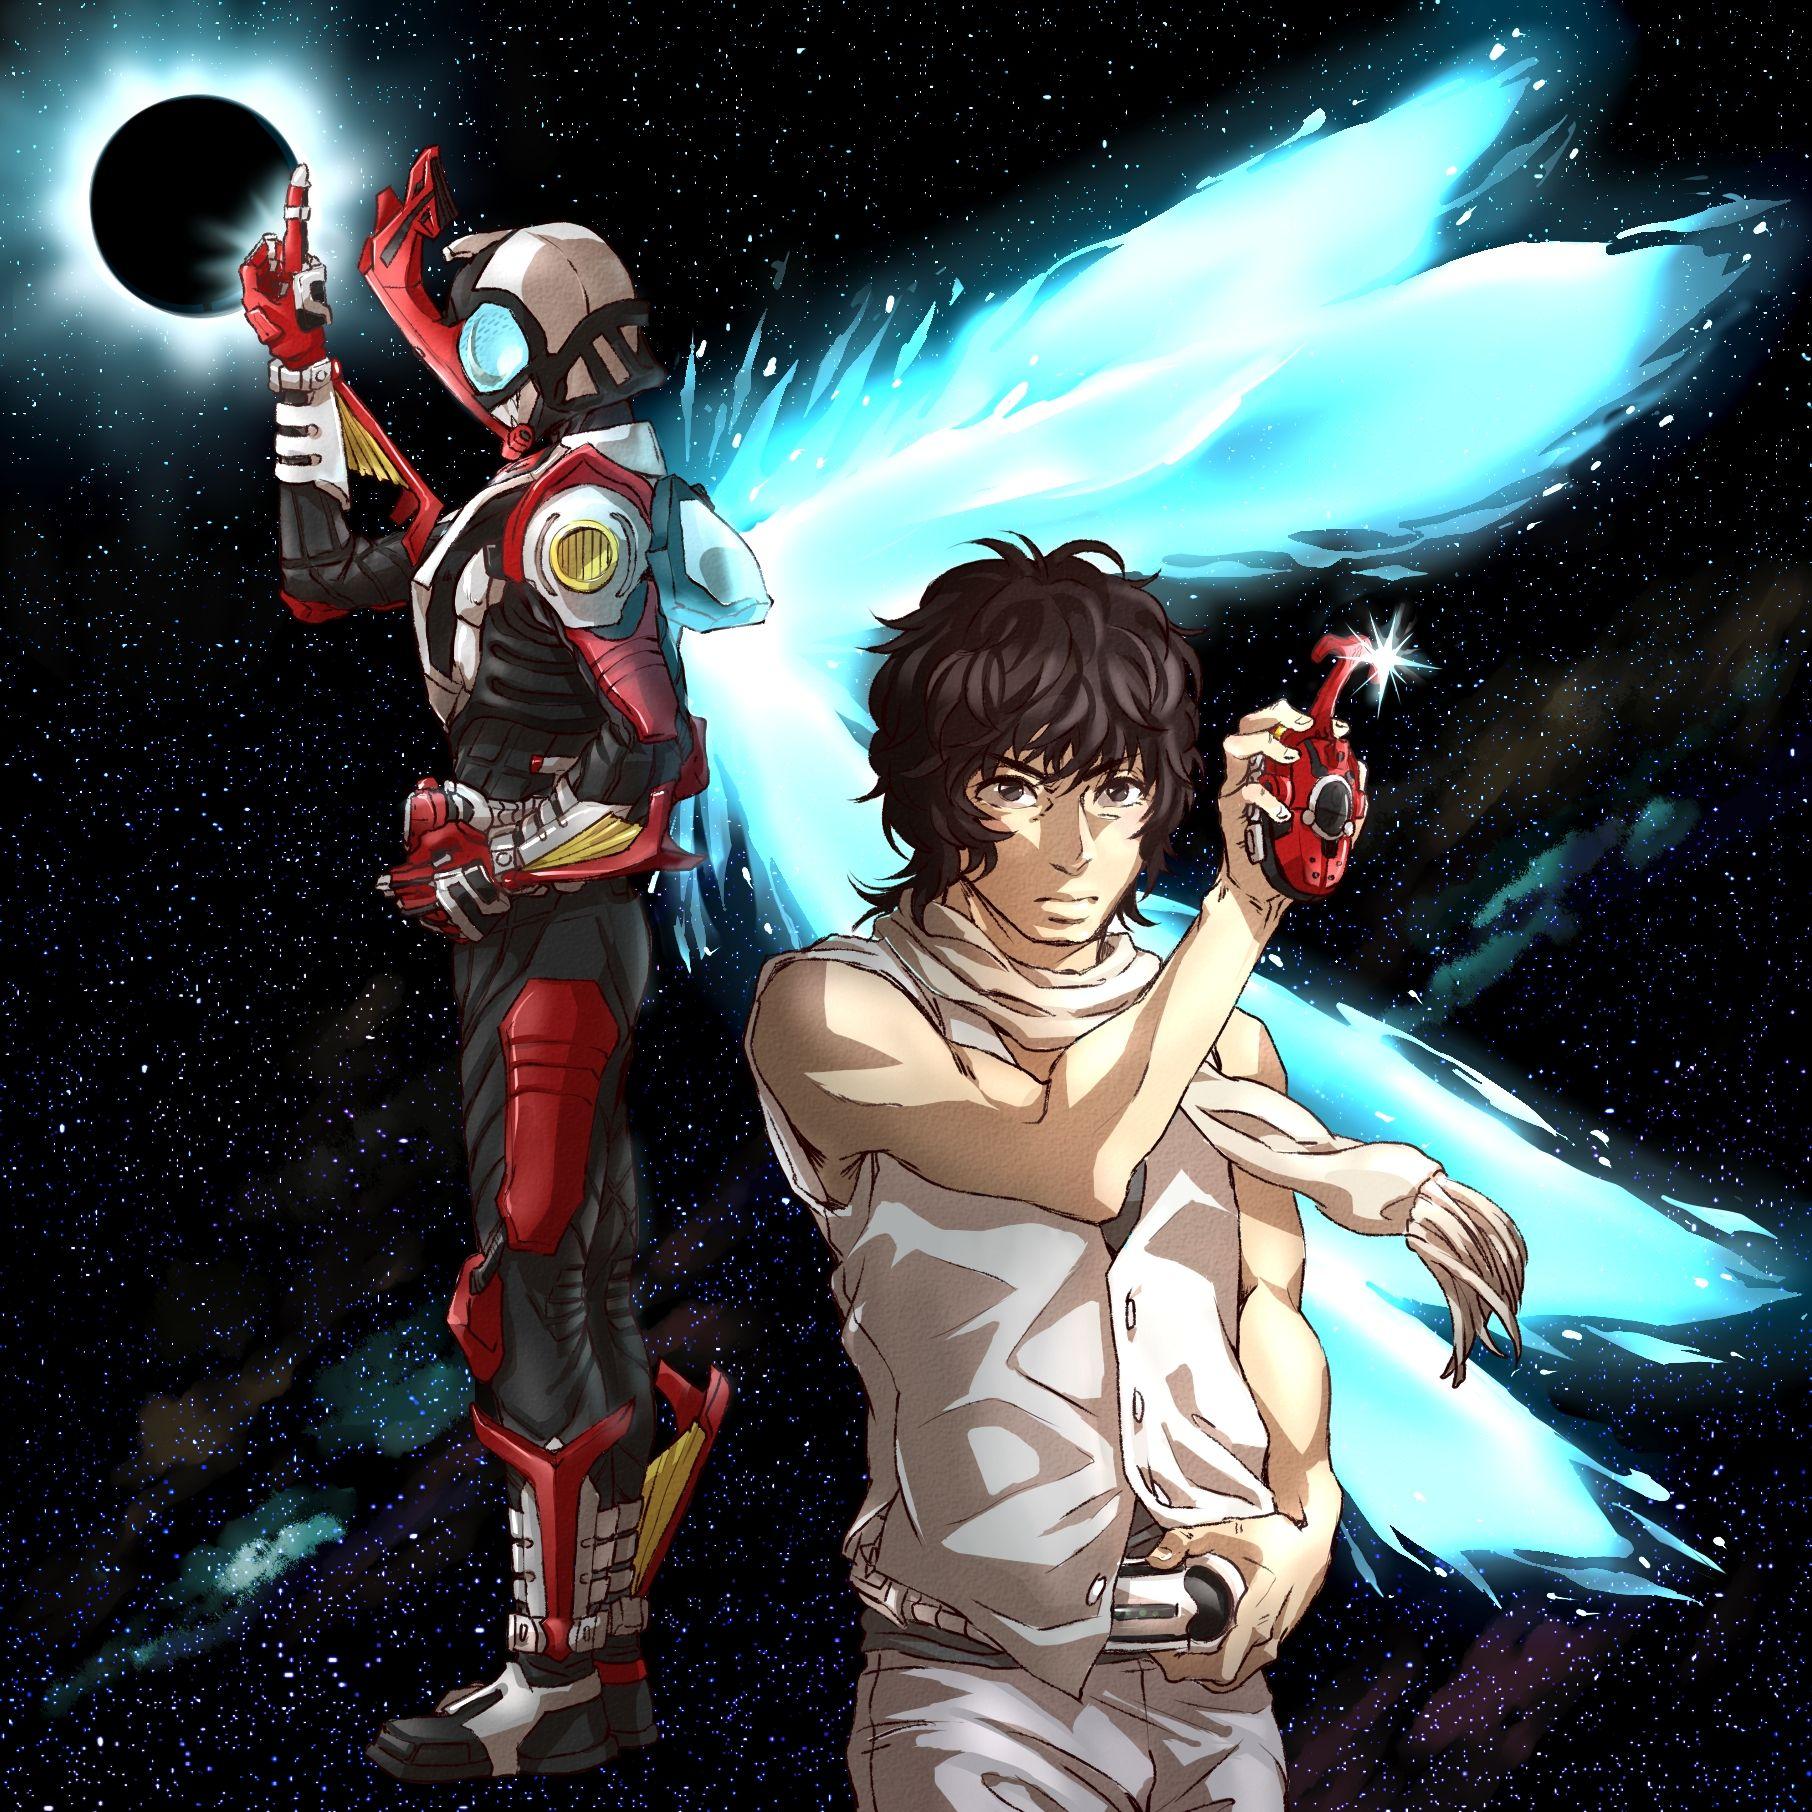 Kamen rider kabuto wiki drama - Author of wild movie